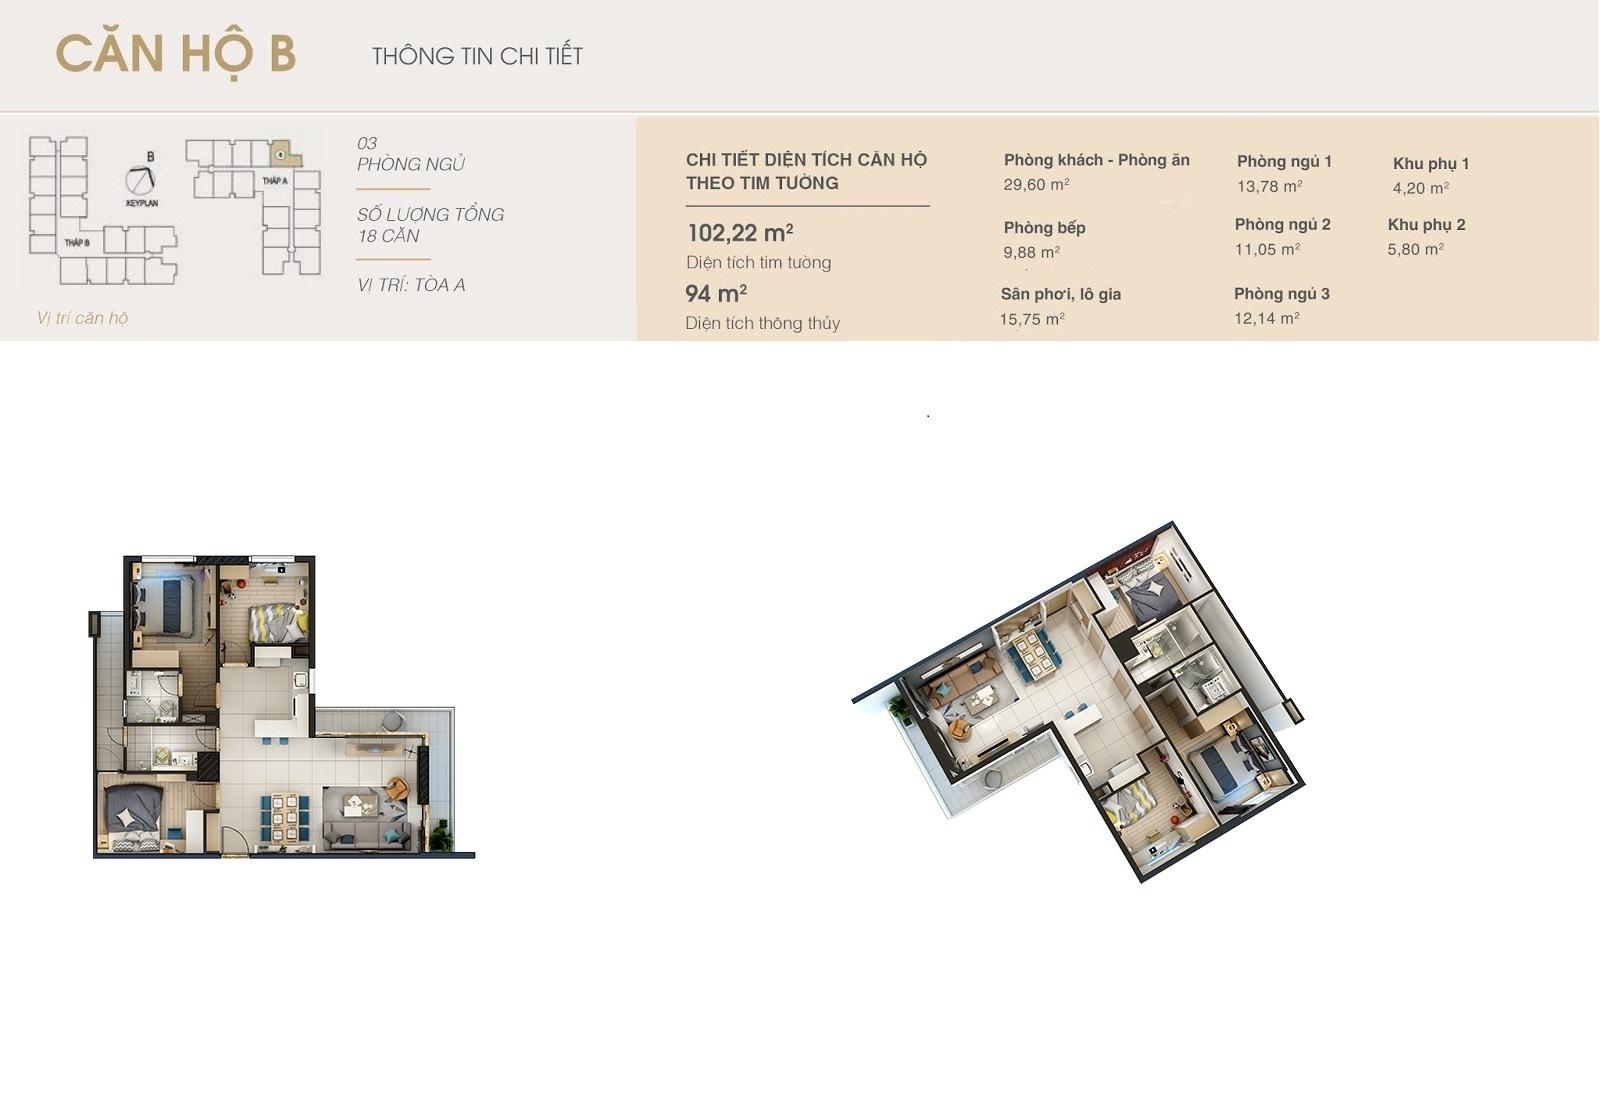 Thiết kế căn hộ b chung cư Dlc complex